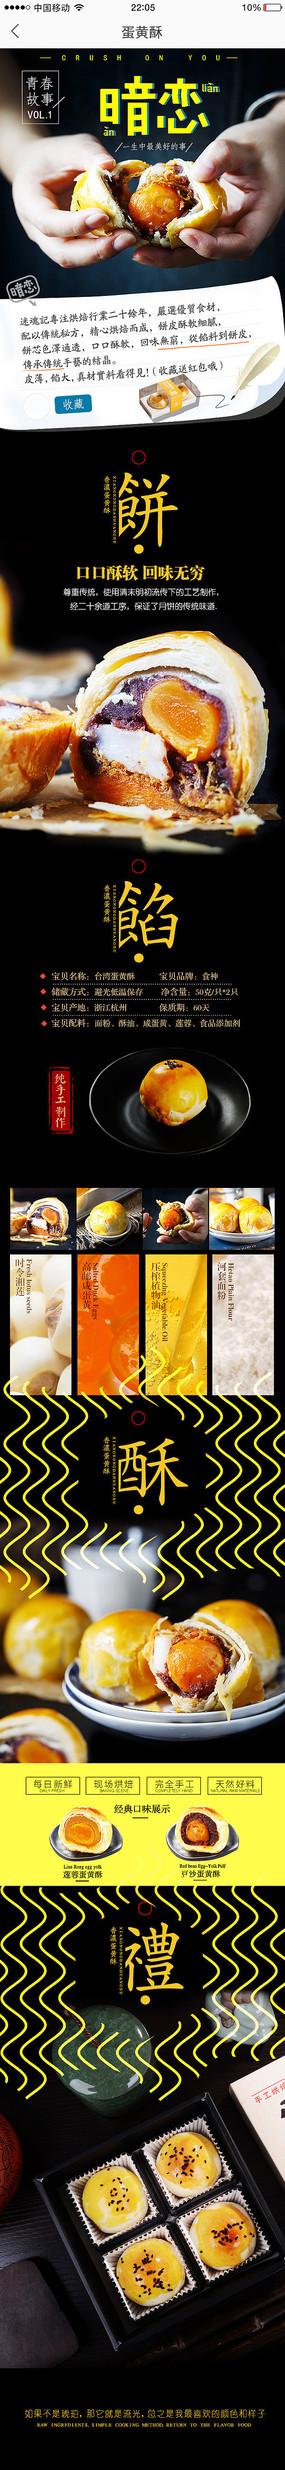 蛋黄酥详情页模板